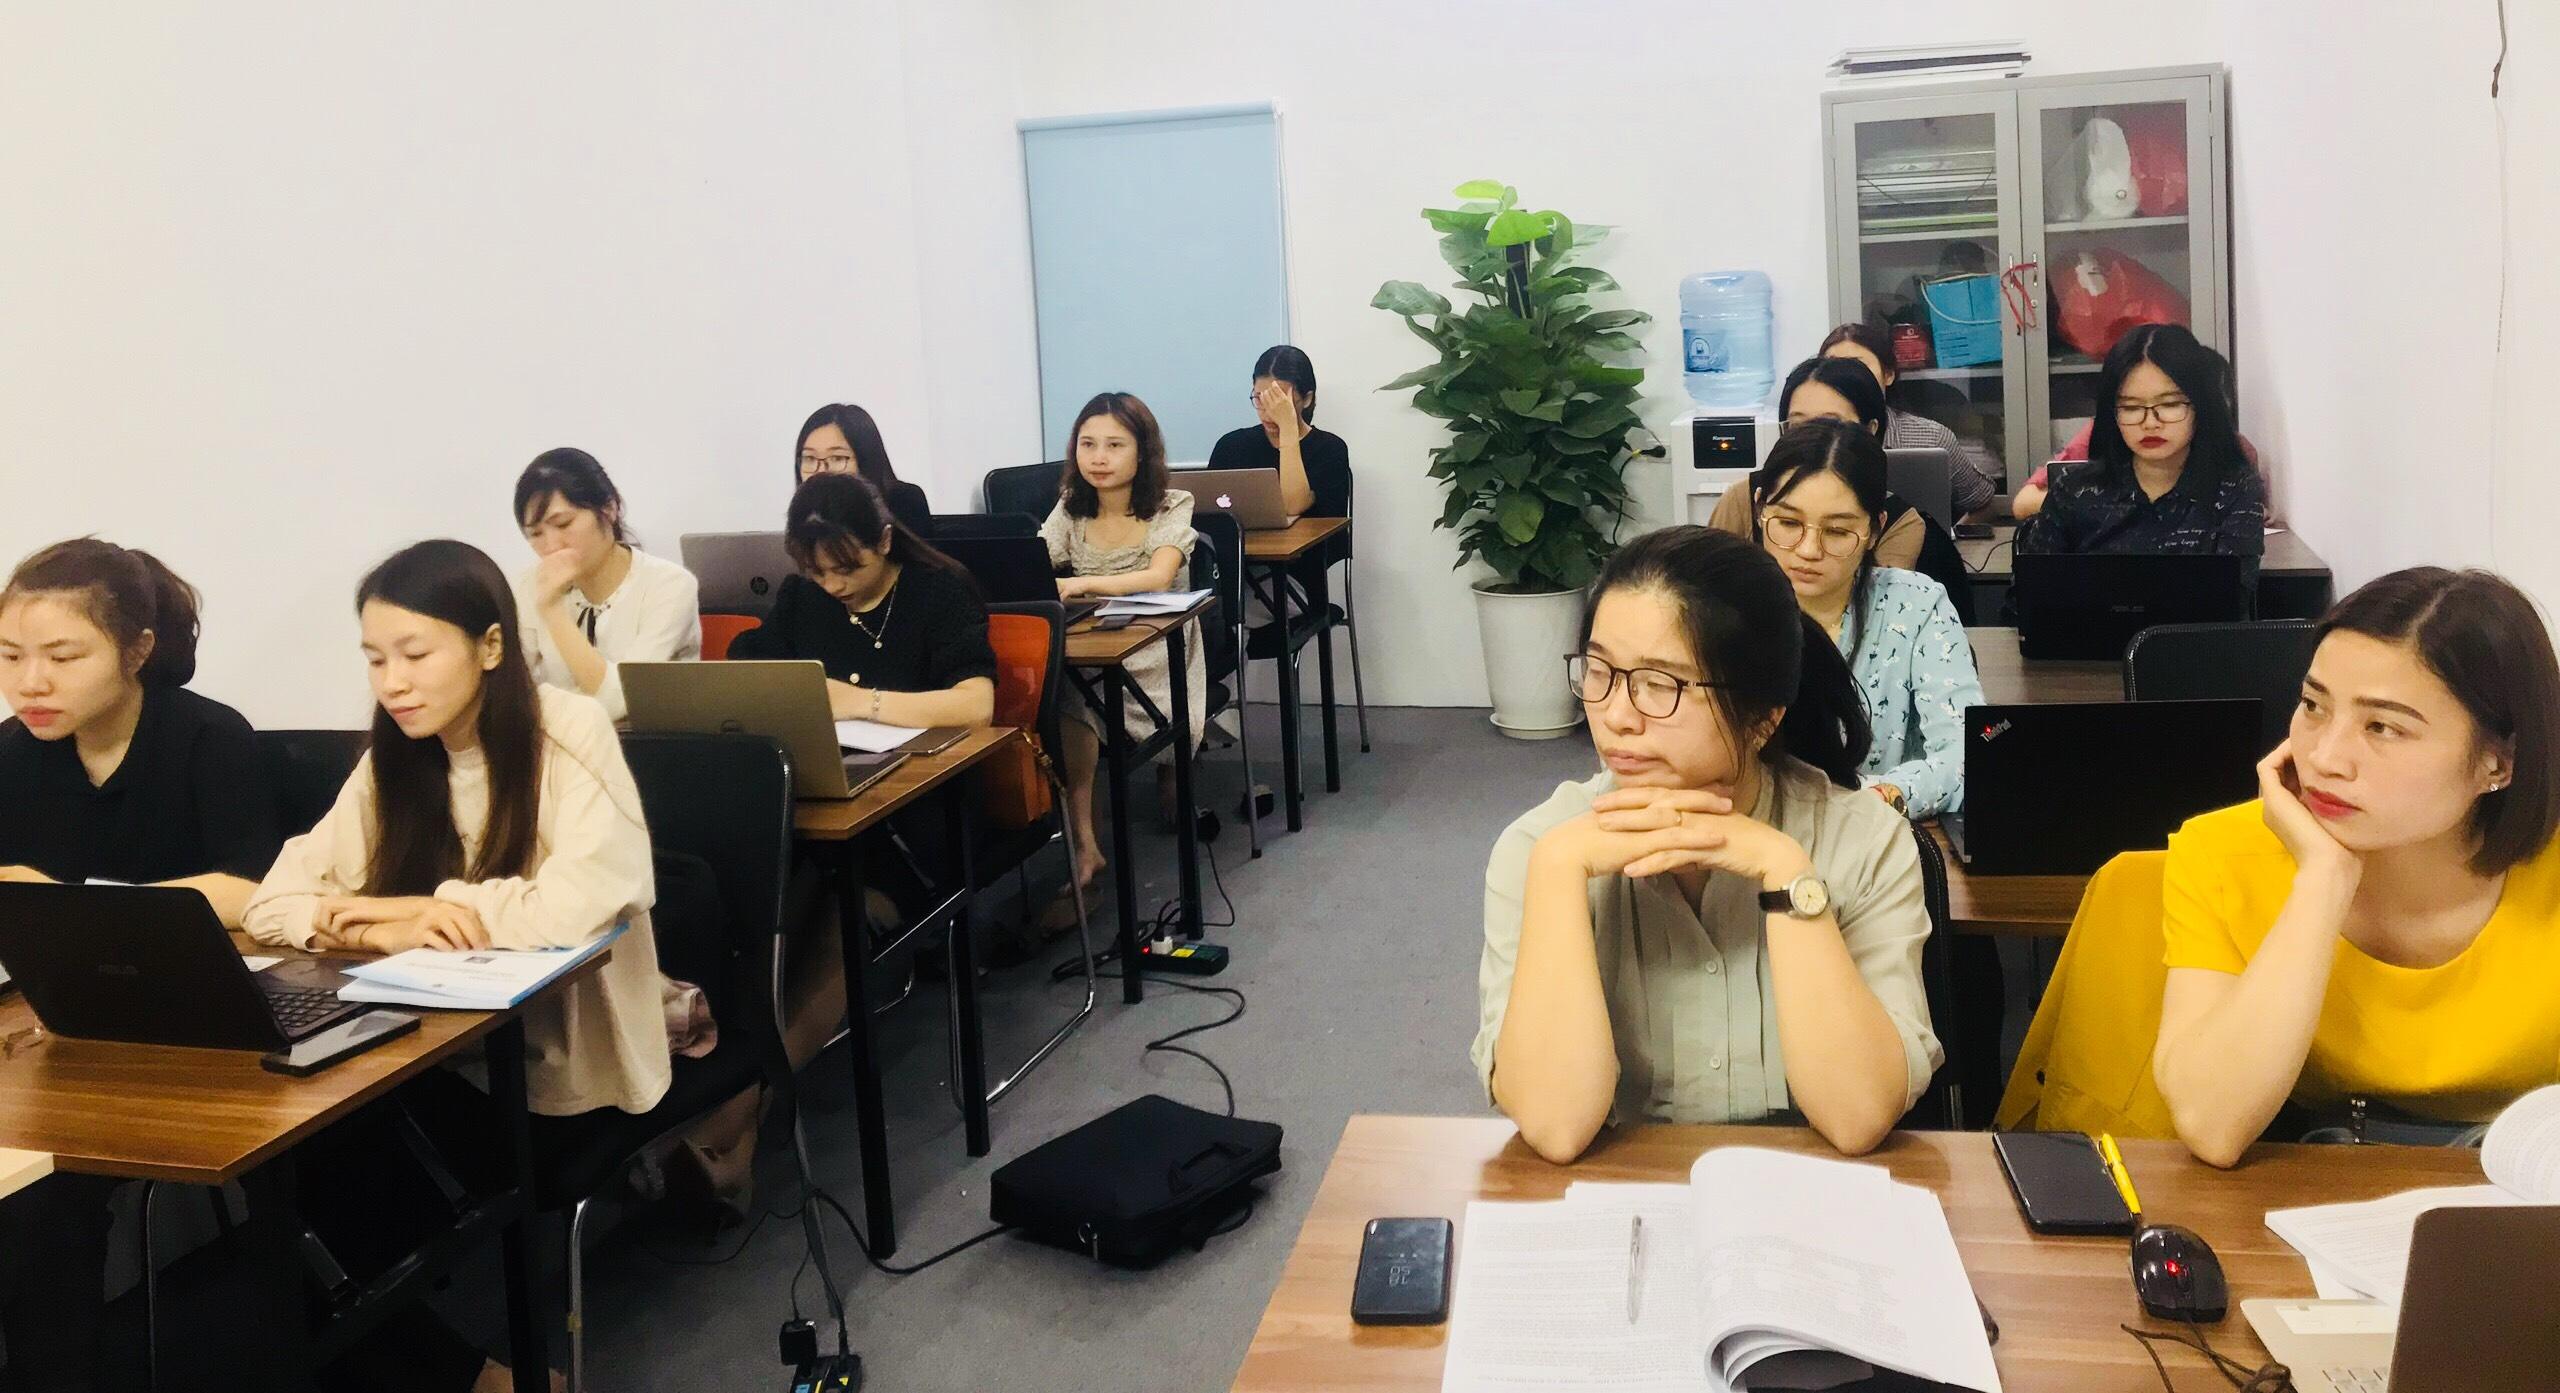 Hình ảnh khóa học hành chính nhân sự tại Hà Nội (VinaTrain -185 Nguyễn Ngọc Vũ, Cầu Giấy)